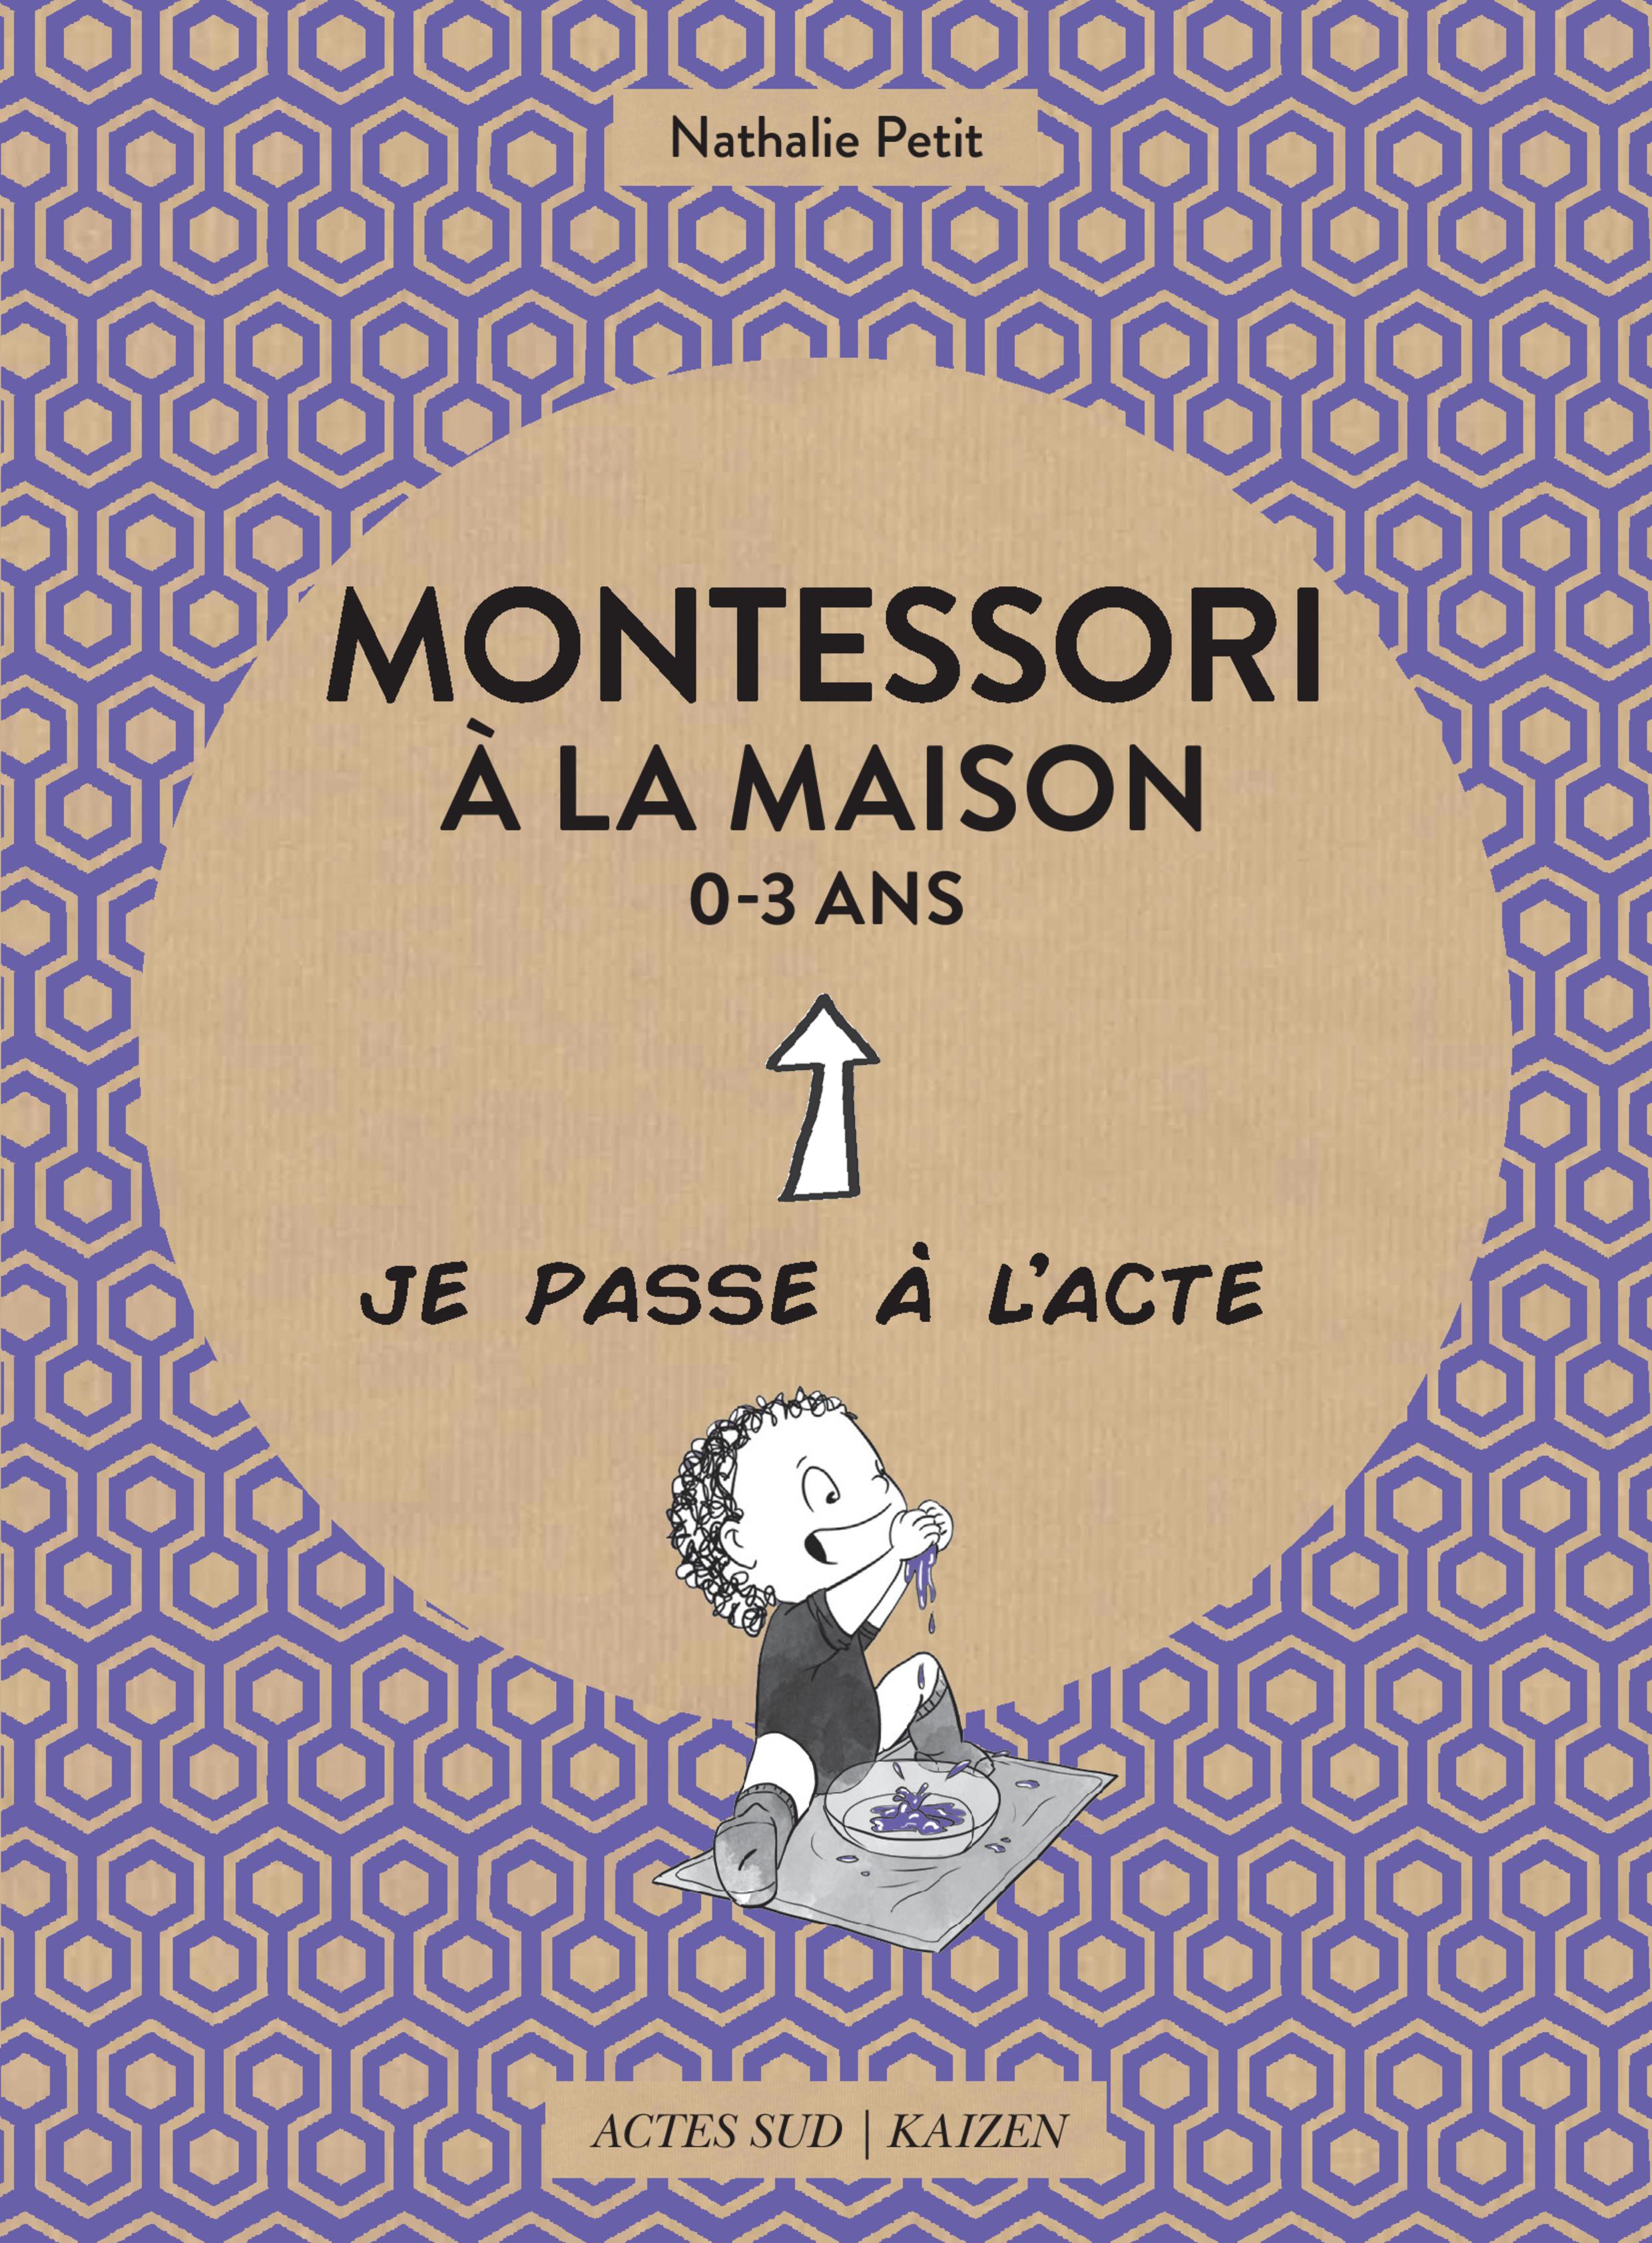 Montessori à la maison - 0-3 ans